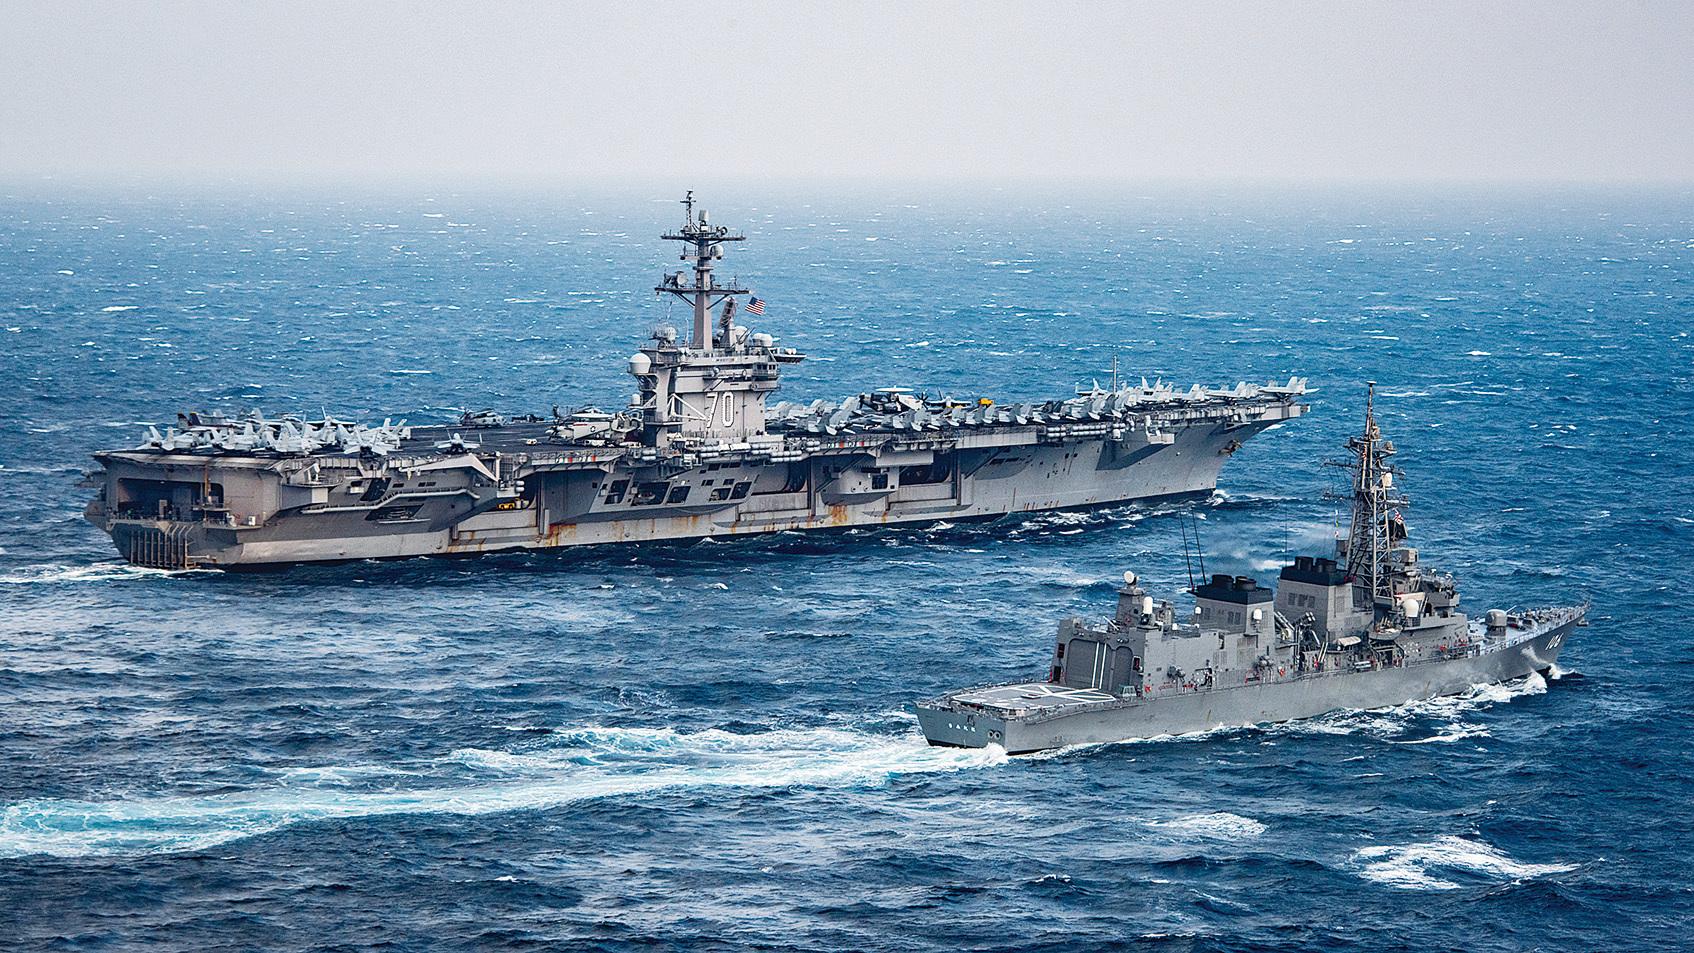 中國放棄反美的國策,意在加速棄共的步伐。圖為北韓再度核試之際,駛向朝鮮海域的美國卡爾‧文森號(USS Carl Vinson)航母戰鬥群。(US Navy)